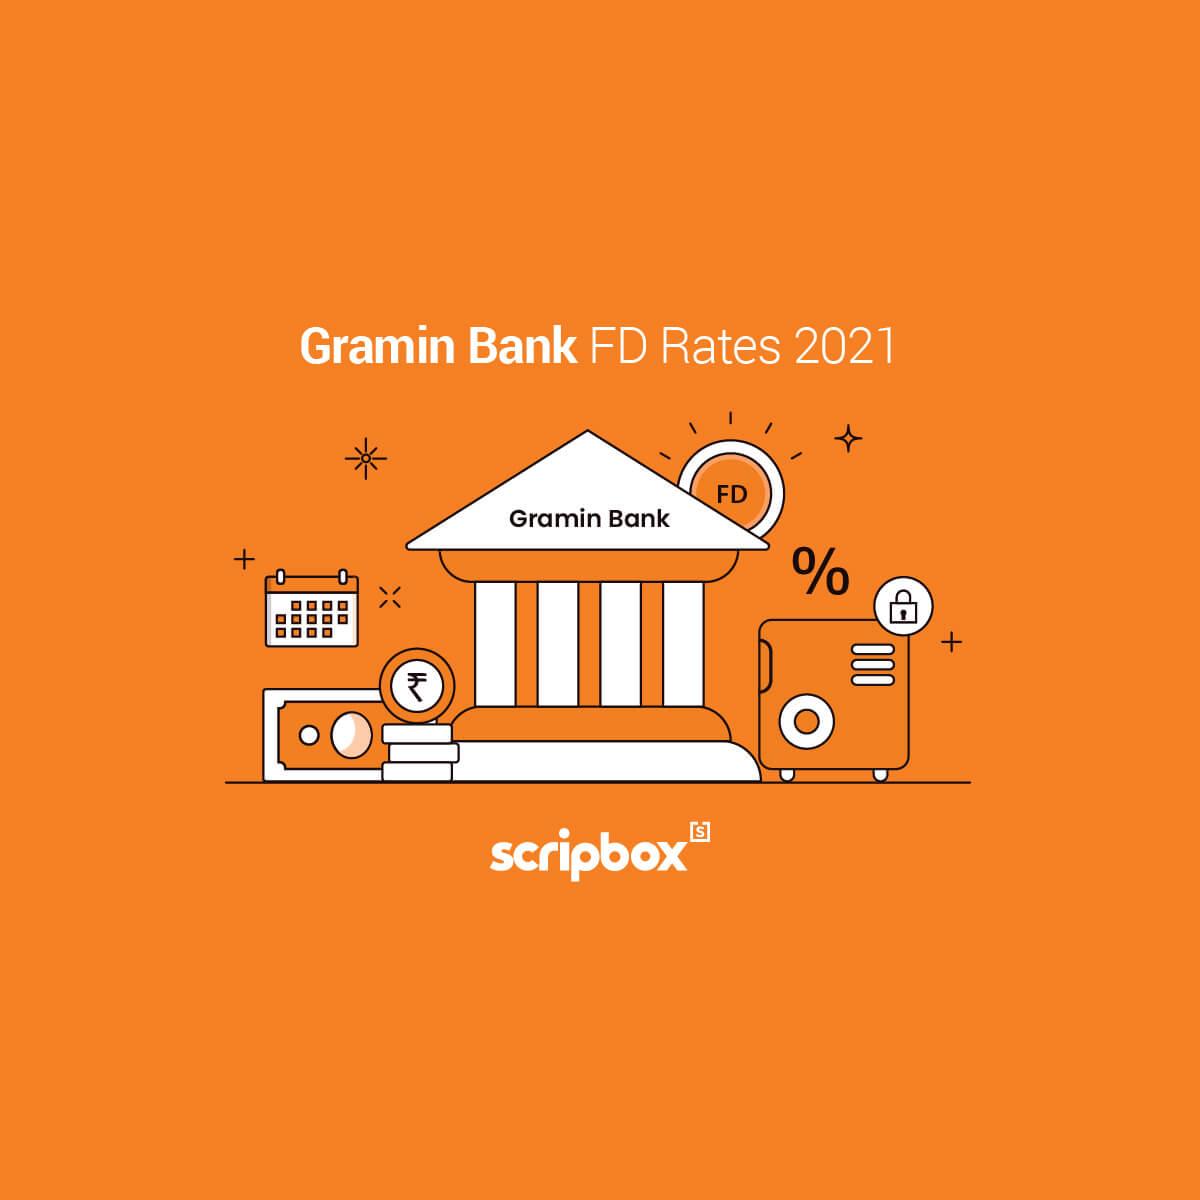 gramin bank fd rates